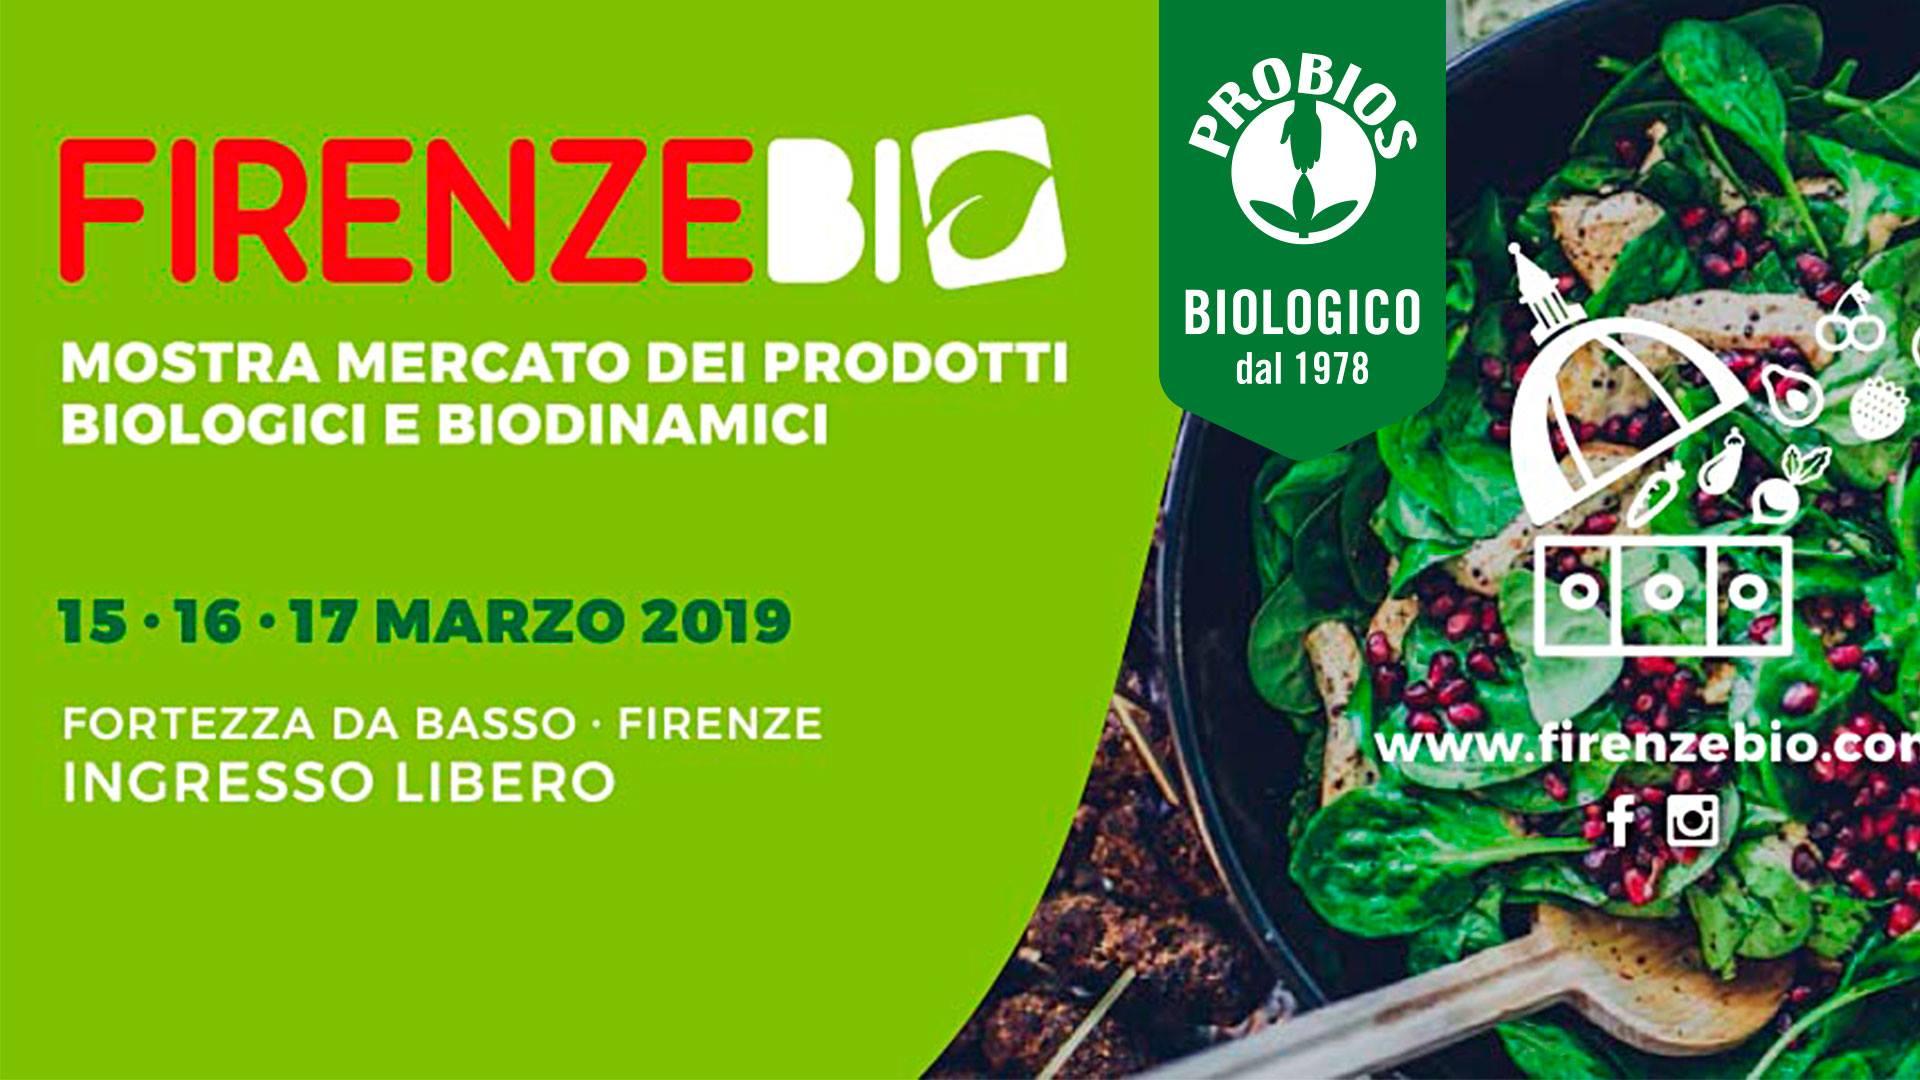 PROBIOS RITORNA A FIRENZE BIO 2019